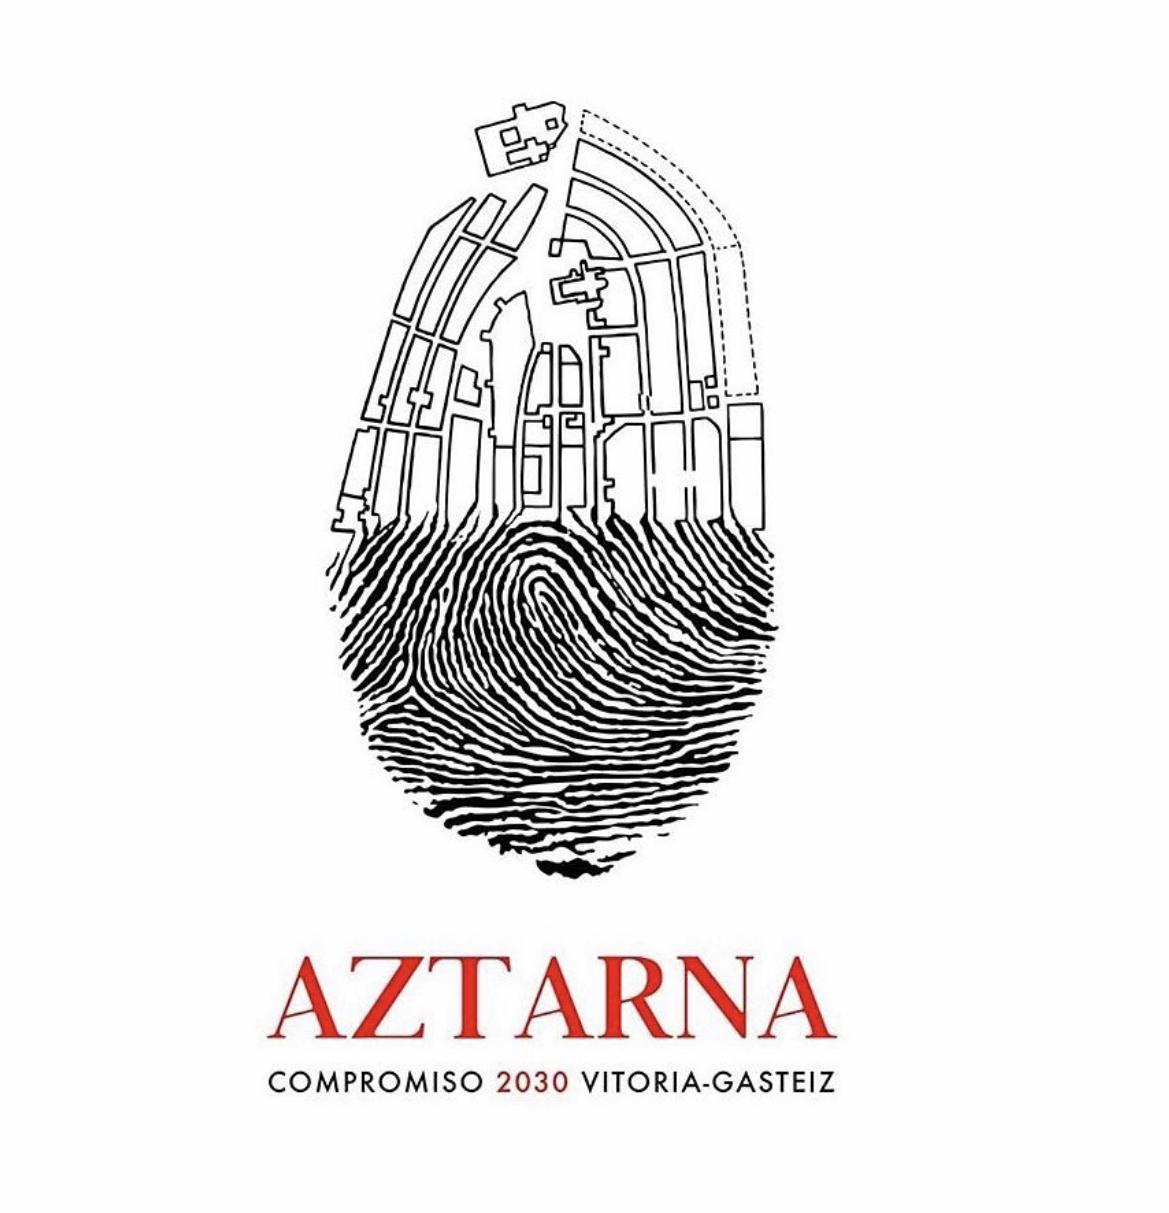 Logotipo Aztarna. Proyecto colaboración ciudadana (Vitoria-Gasteiz)